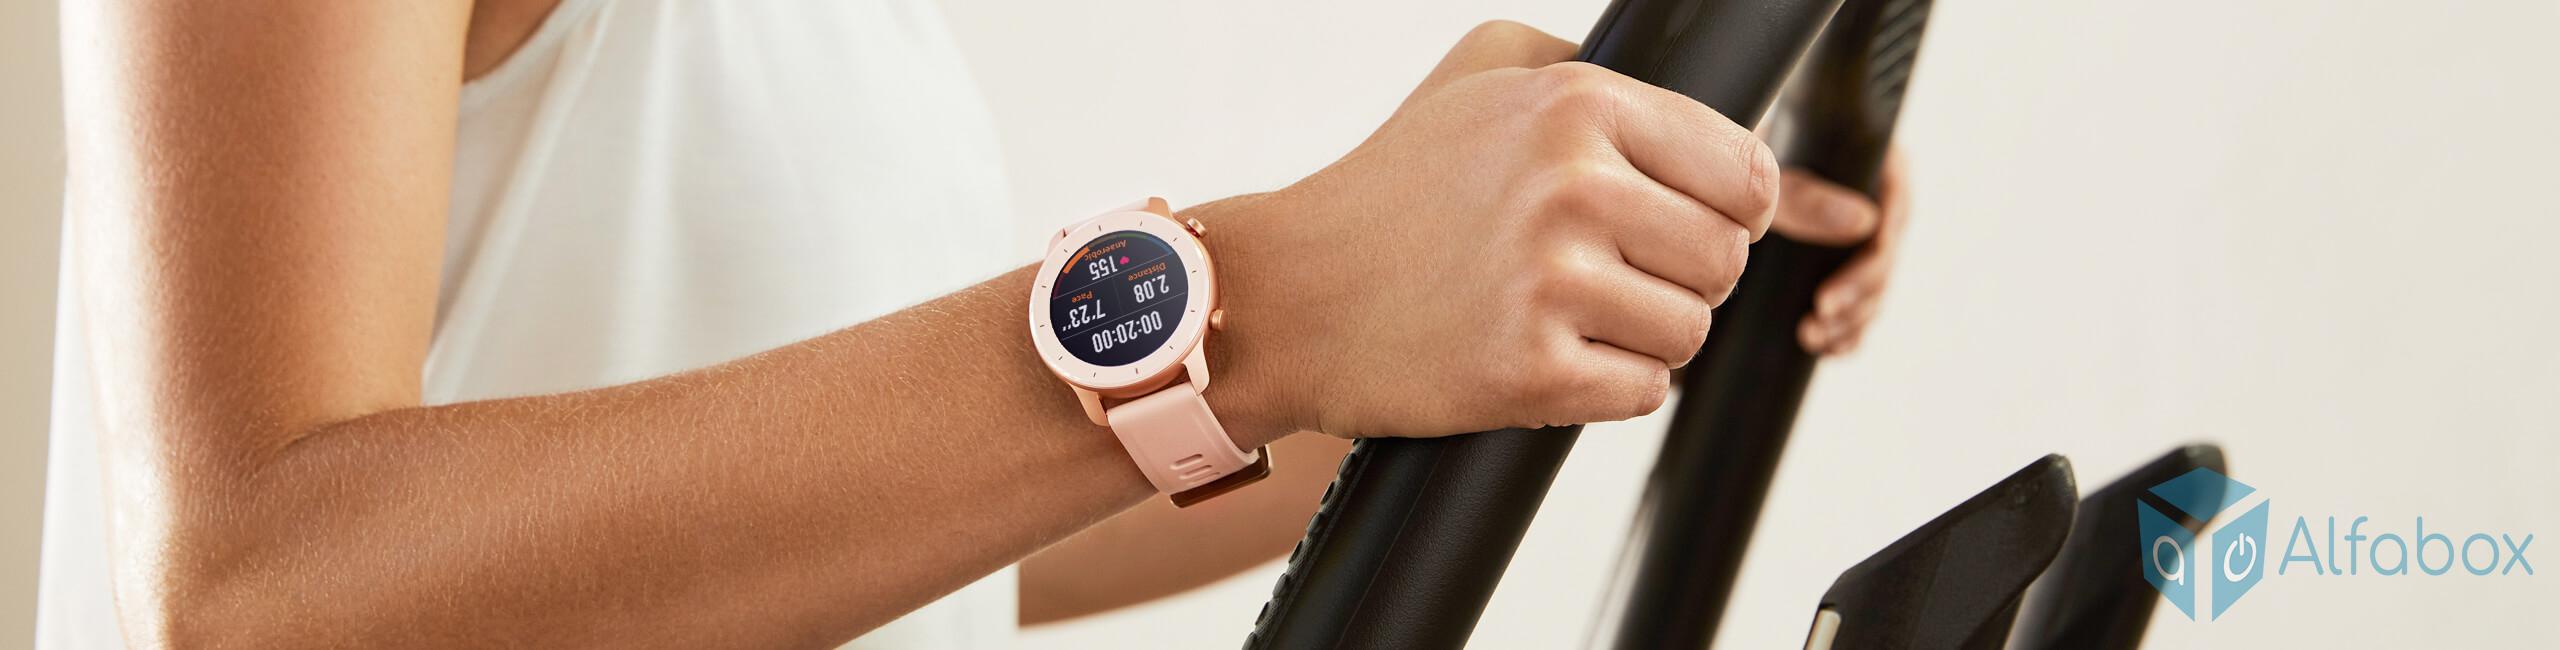 Купить смарт-часы Amazfit gtr